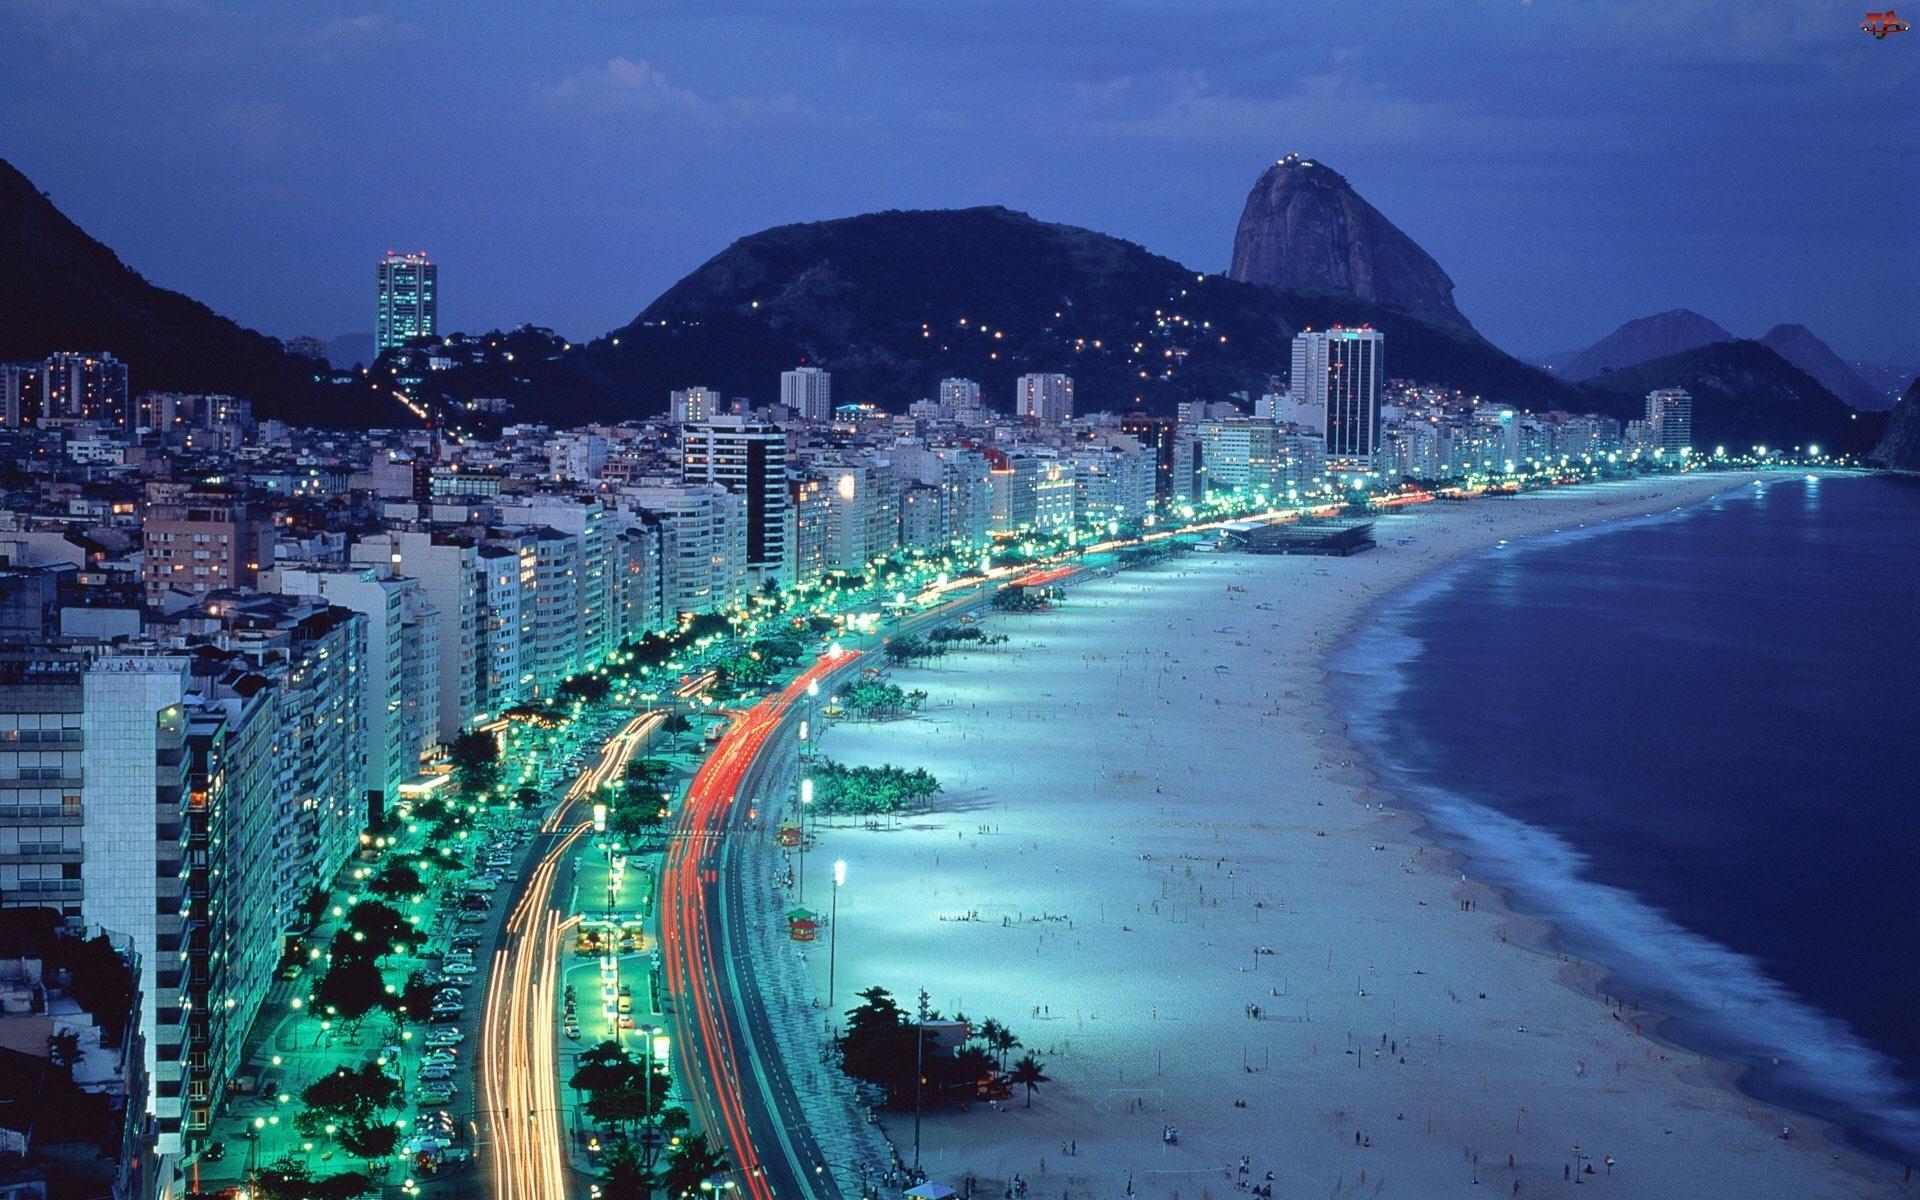 Noc, Wybrzeże, Plaża, Morze, Miasto